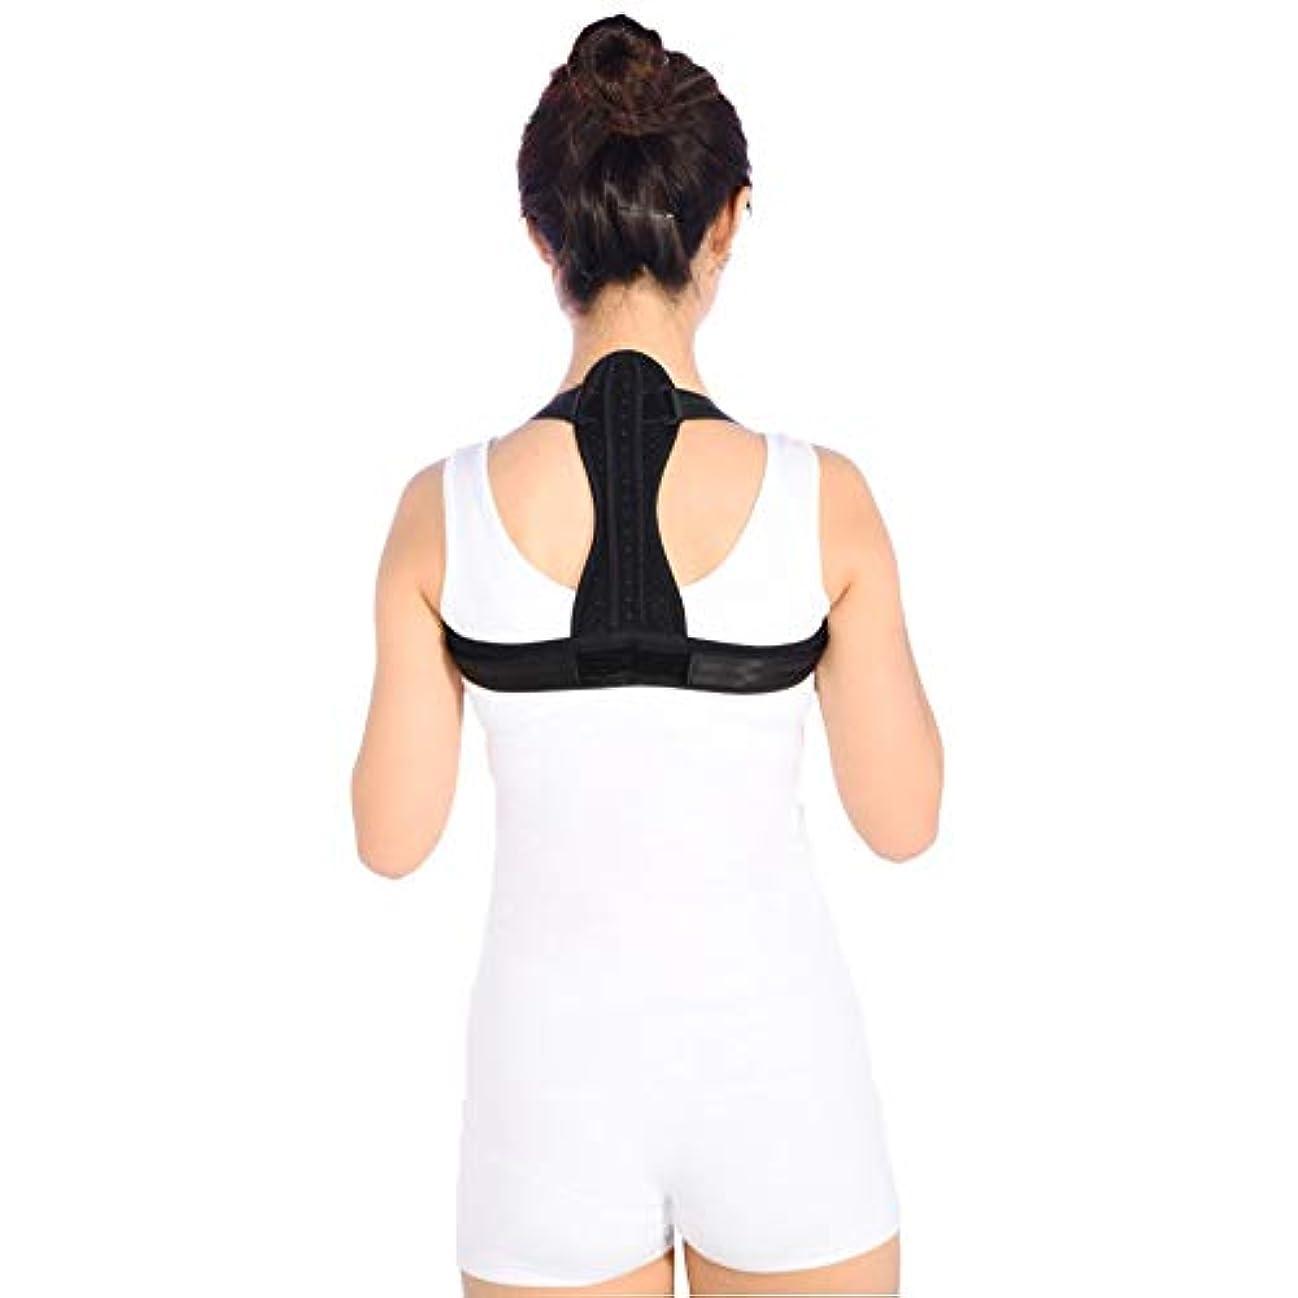 キャロラインスリラーアクセント通気性の脊柱側弯症ザトウクジラ補正ベルト調節可能な快適さ目に見えないベルト男性女性大人学生子供 - 黒